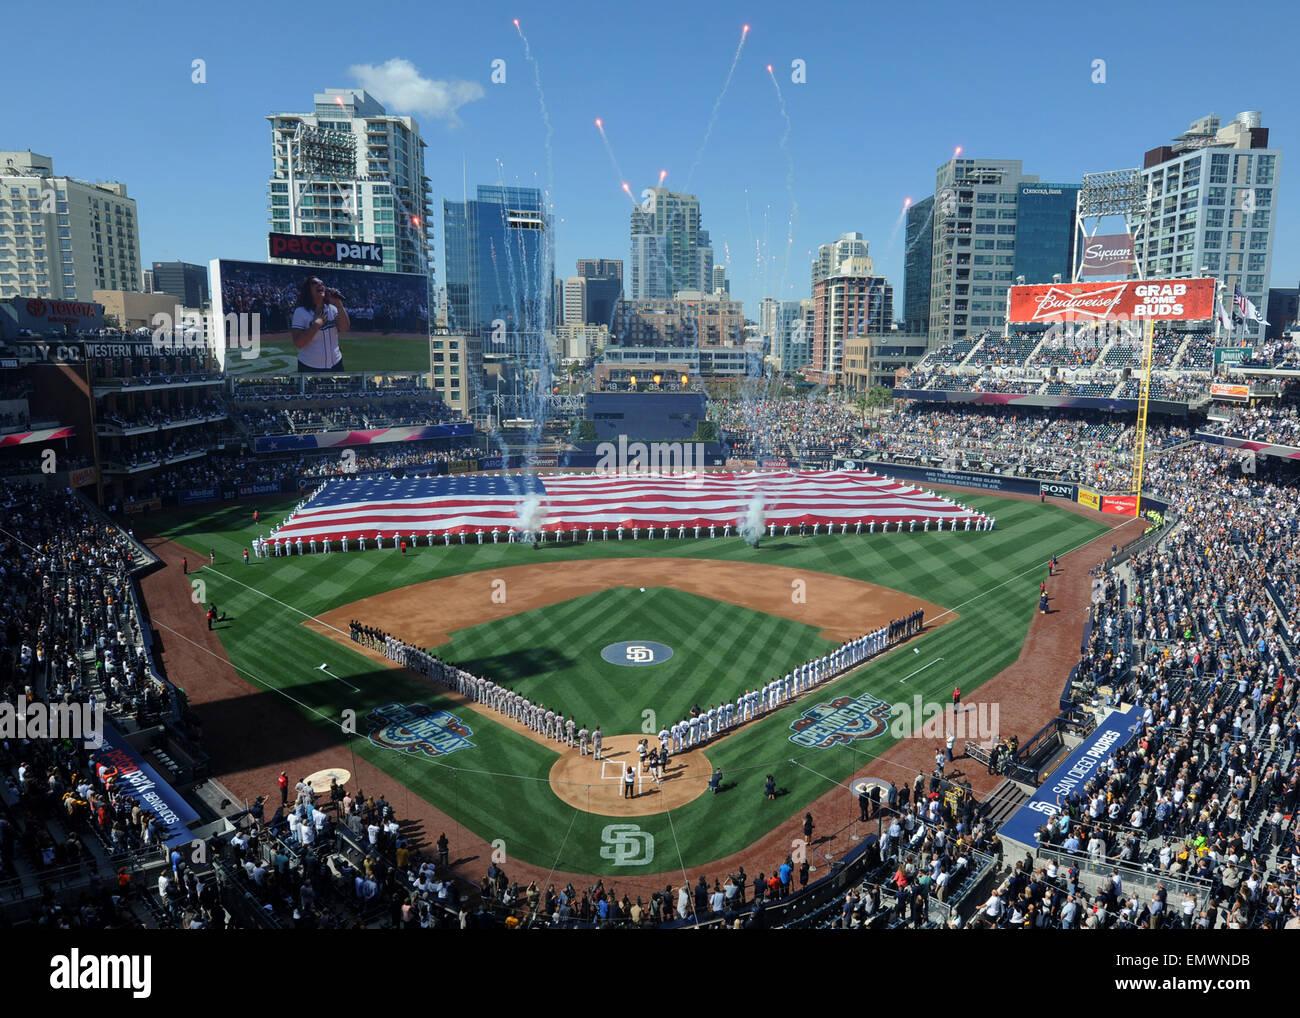 Il San Diego Padres professionale squadra di baseball di celebrare il giorno di apertura della stagione aprile 9, Immagini Stock